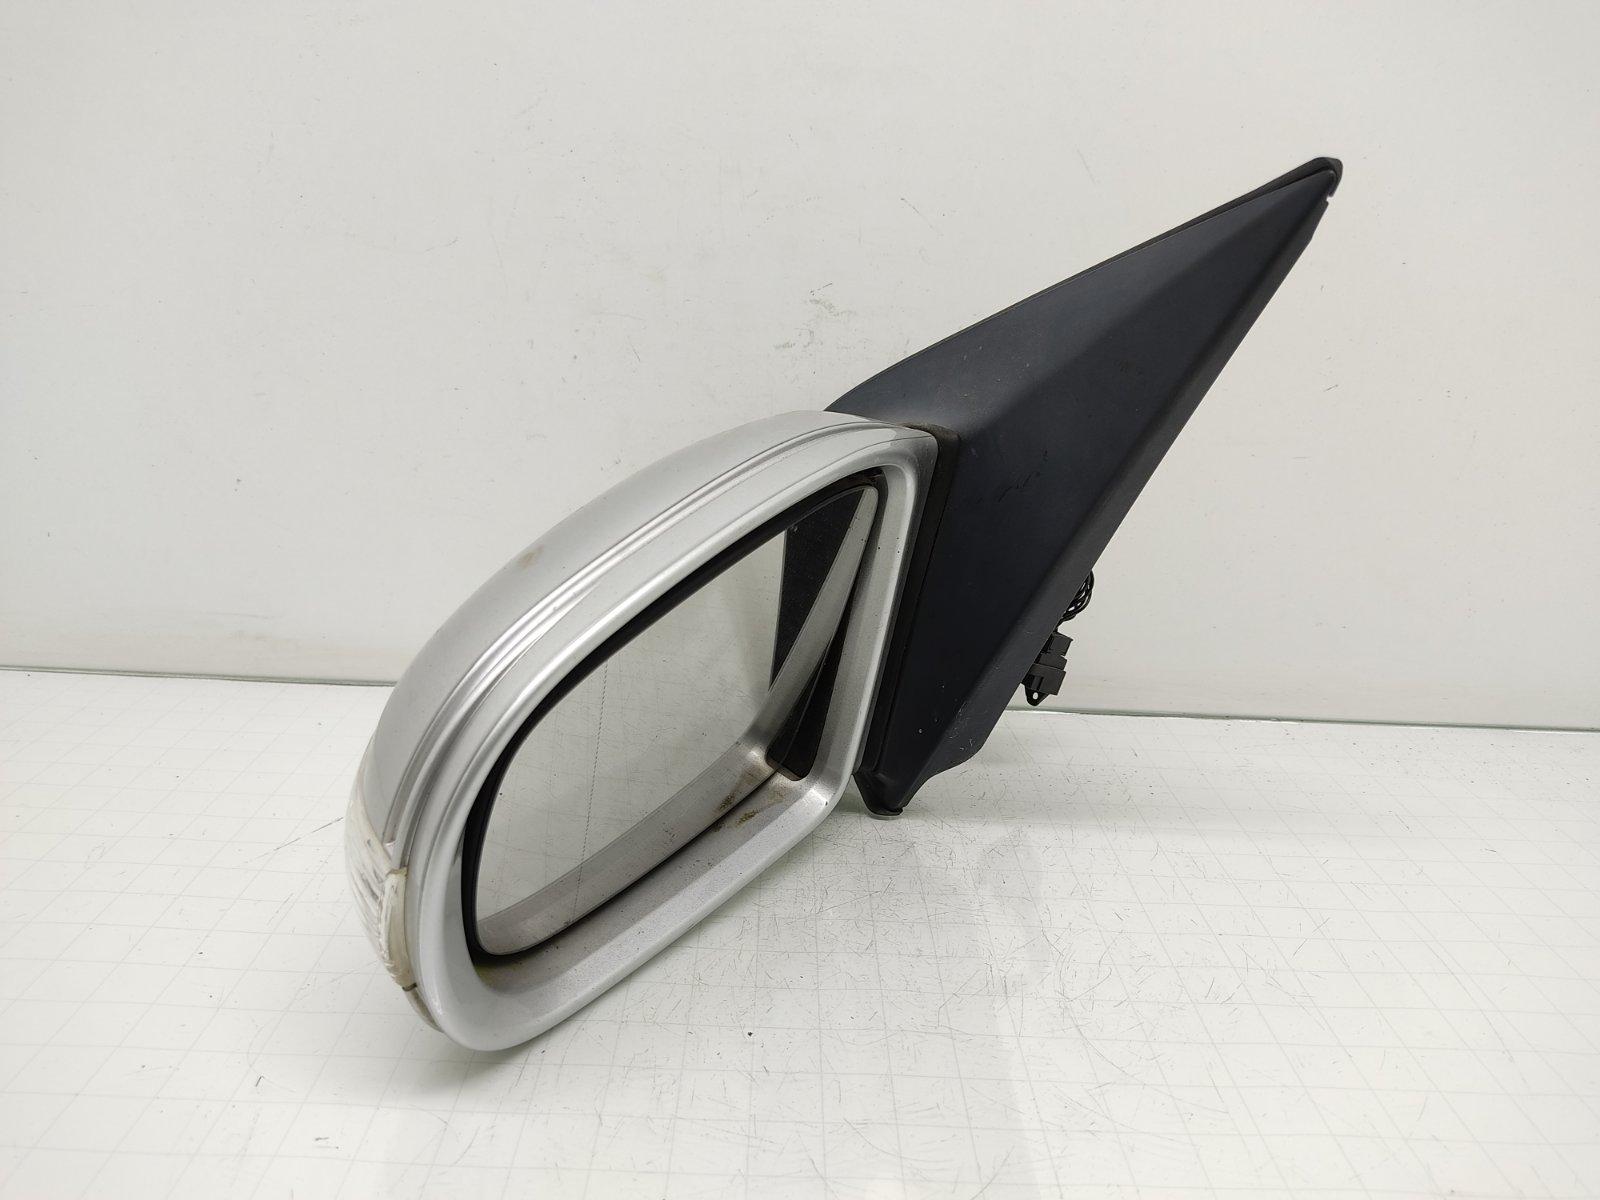 Зеркало наружное левое Mercedes Ml W163 2.7 CDI 2003 (б/у)